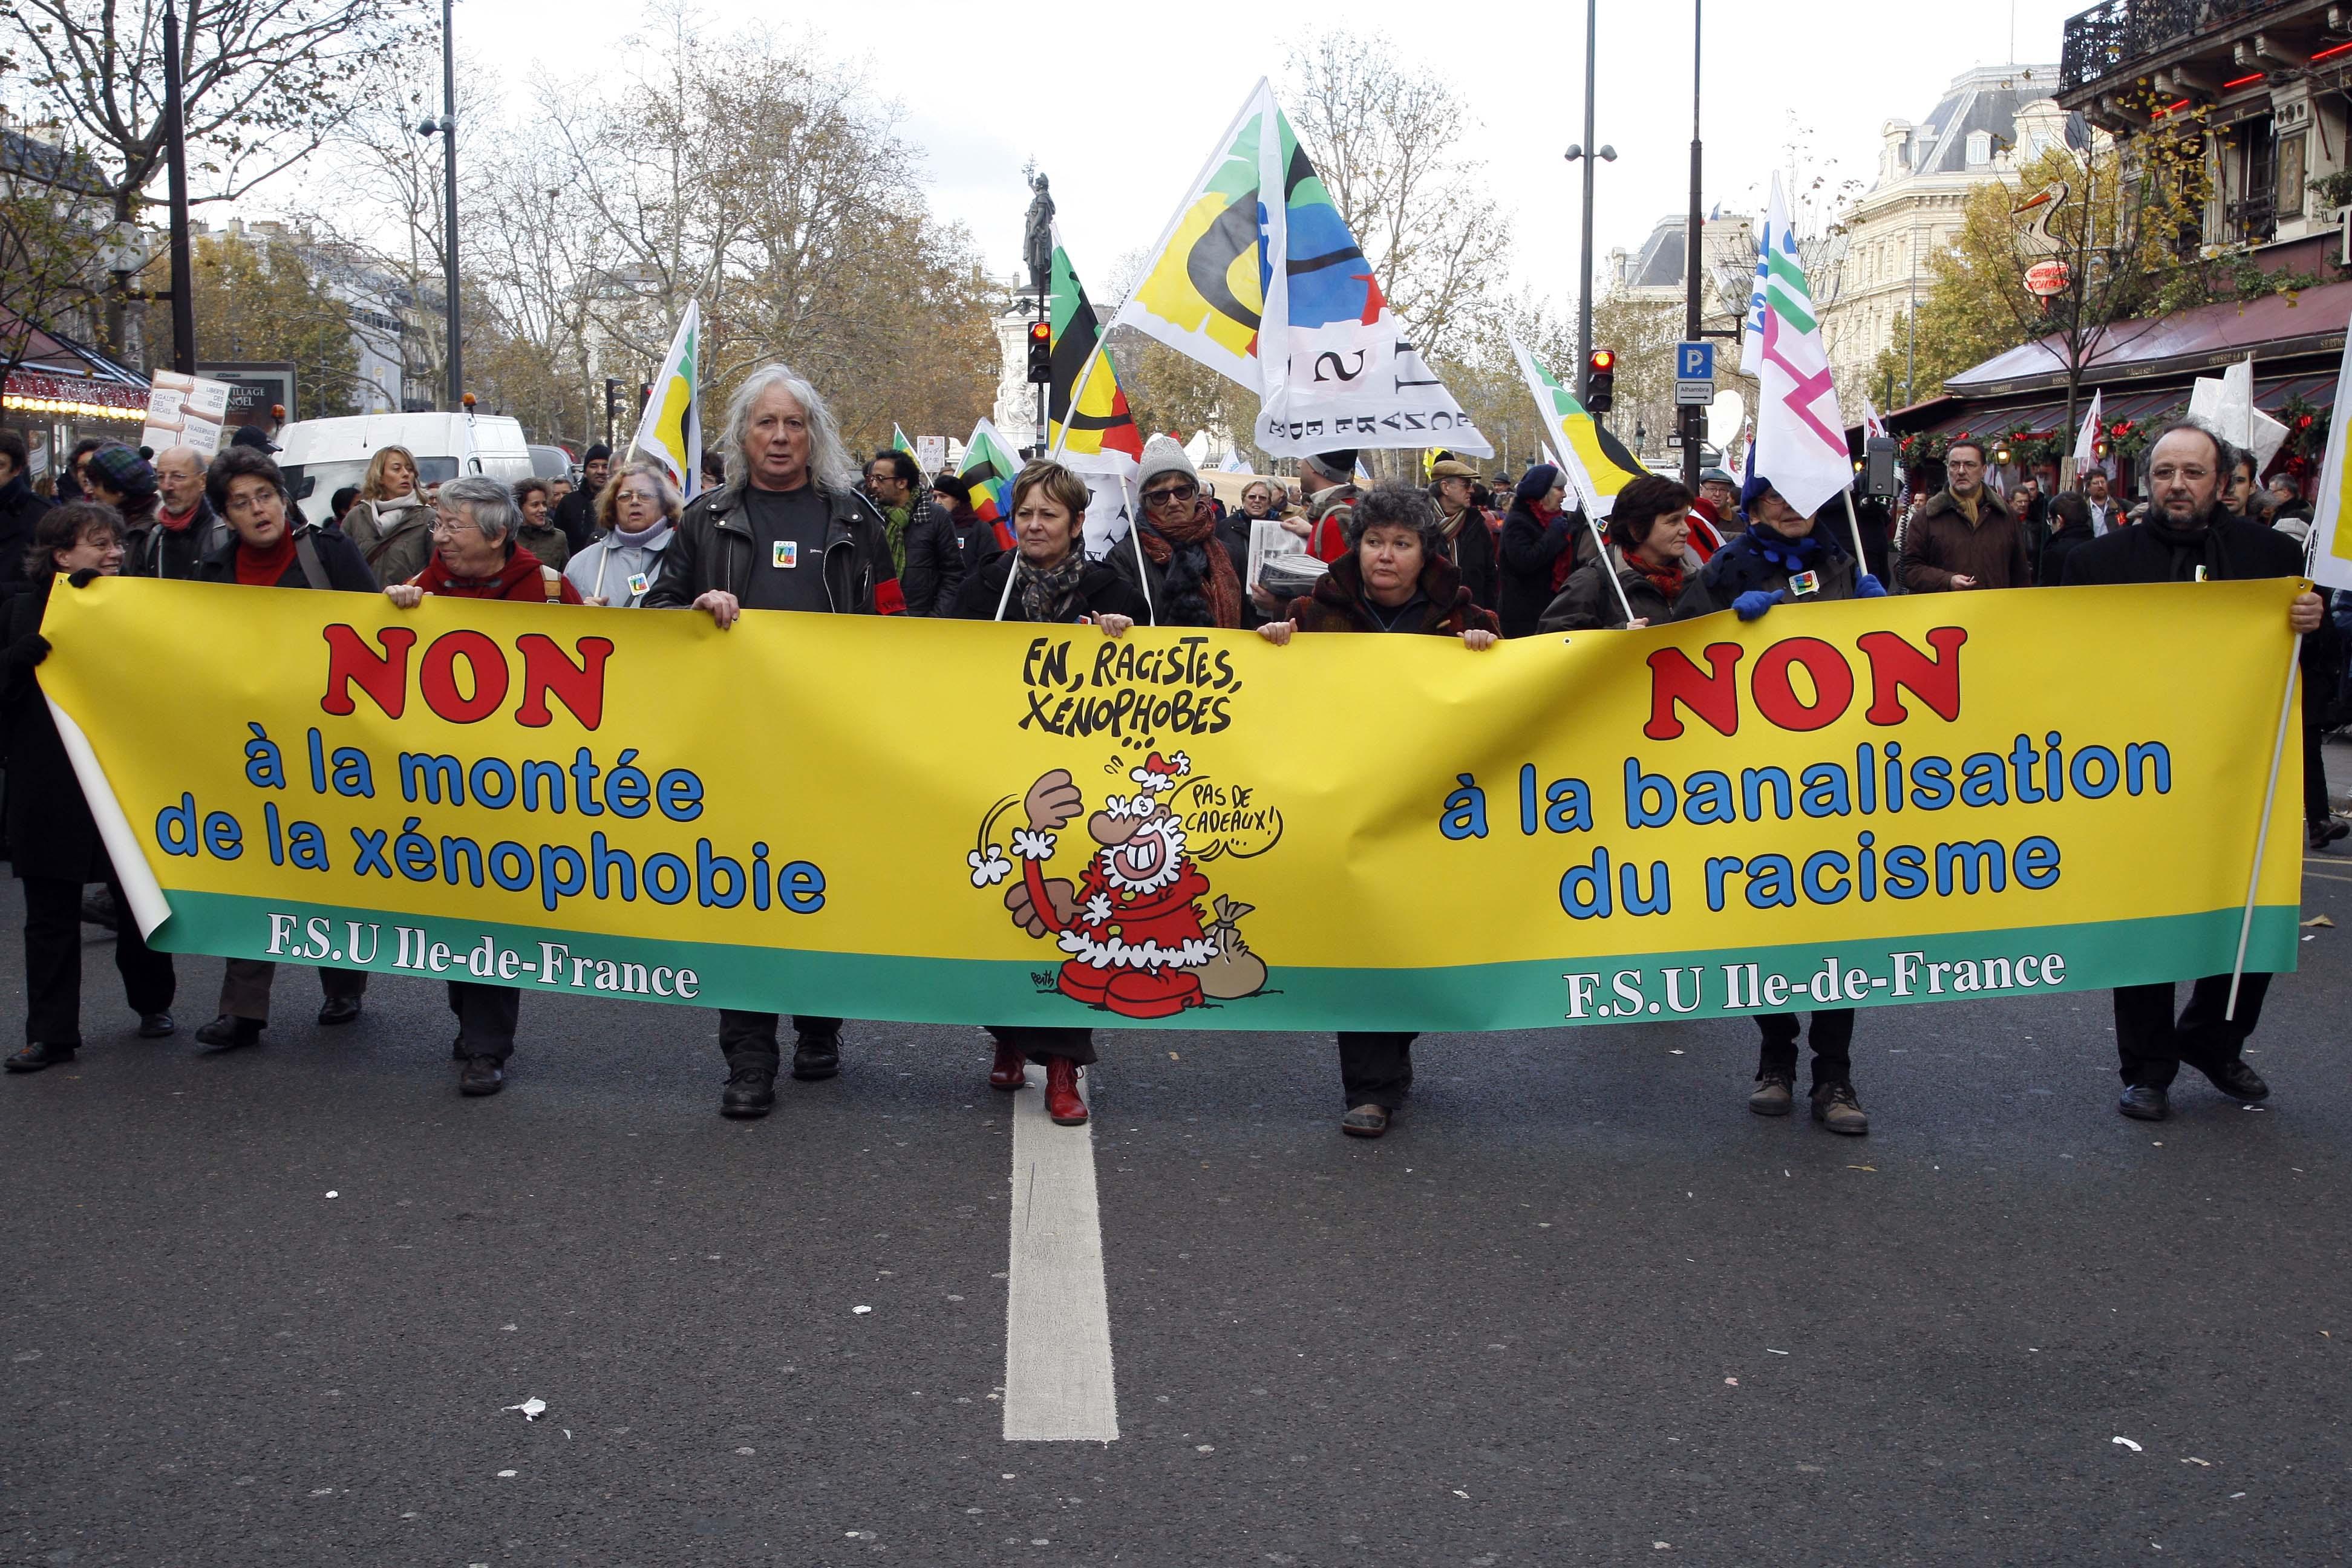 France. Paris le 2013/11/30.Manifestation contre le racisme a Paris.Jeunes manifestantes contre le racisme avec des pancartes cotre le racisme © Vernier/JBV NEWS